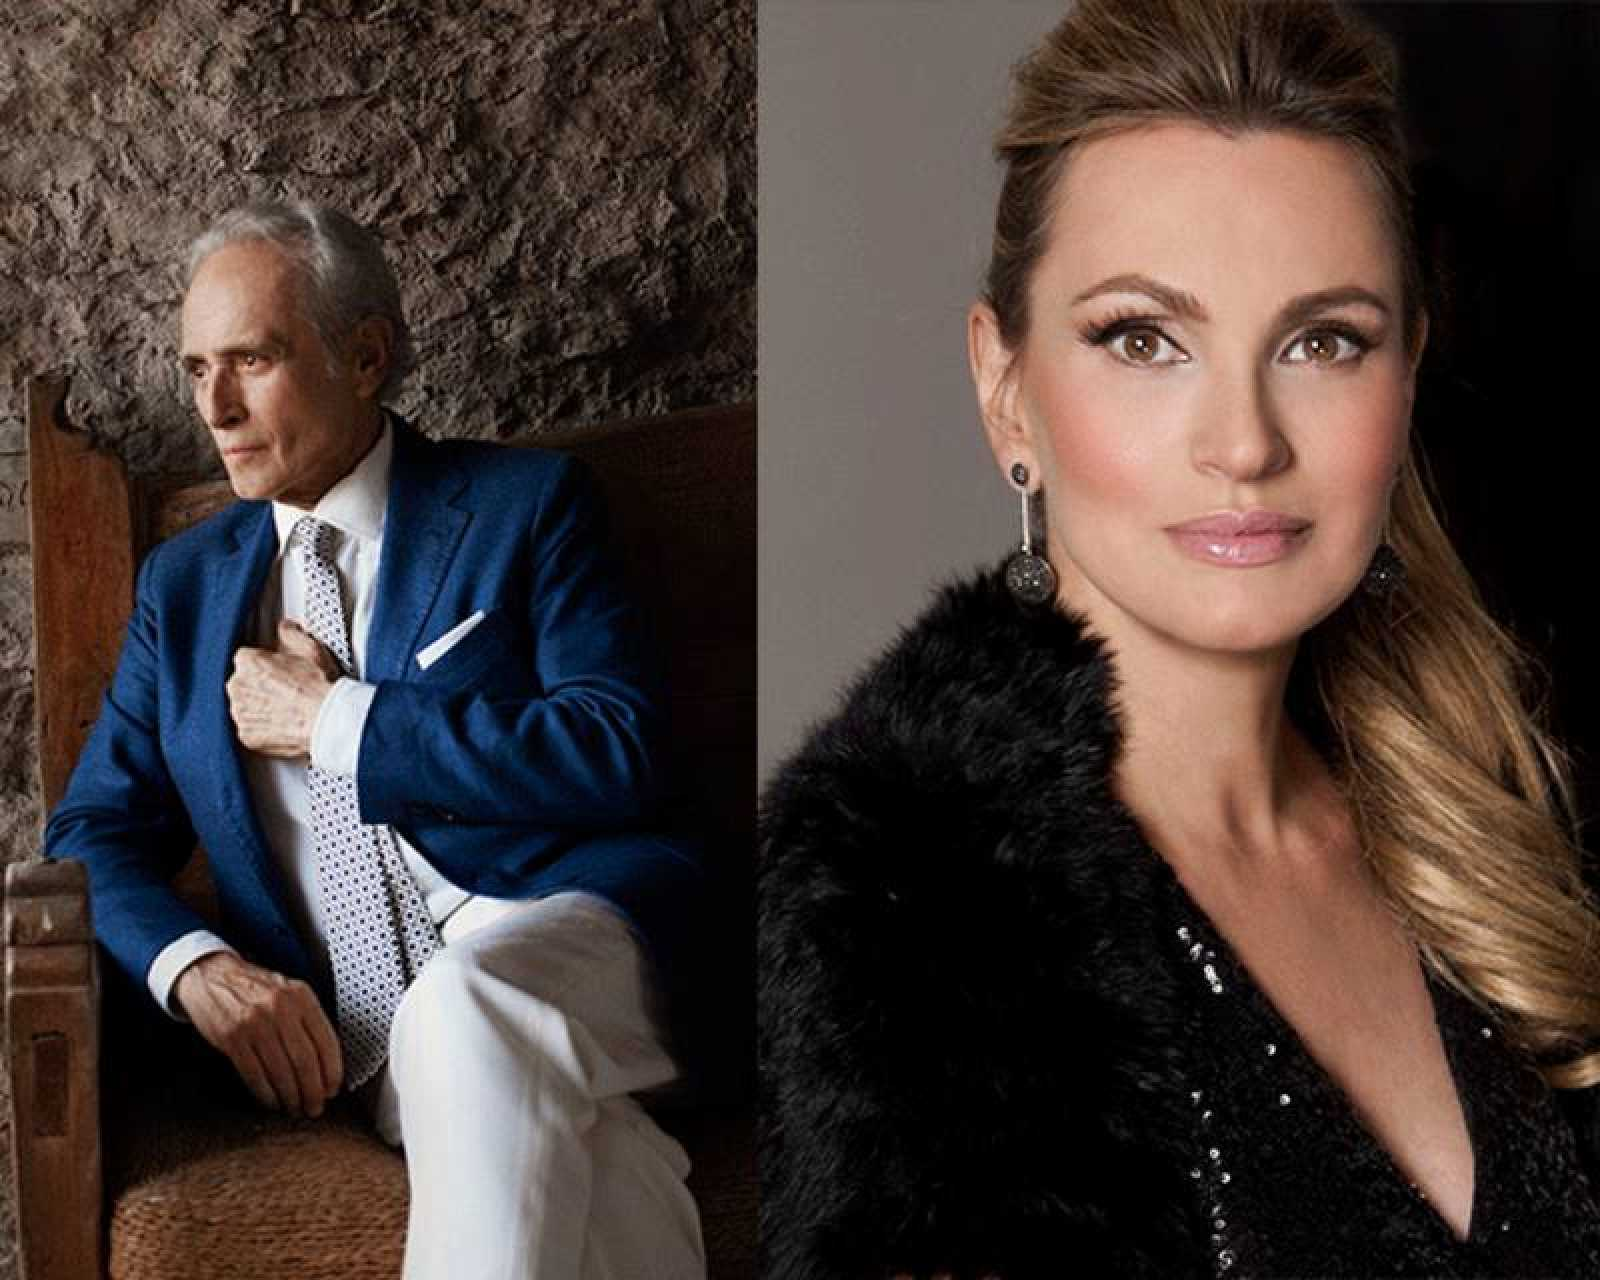 La cadena ofrecerá en directo el concierto de la soprano Ainhoa Arteta y el tenor Josep Carreras